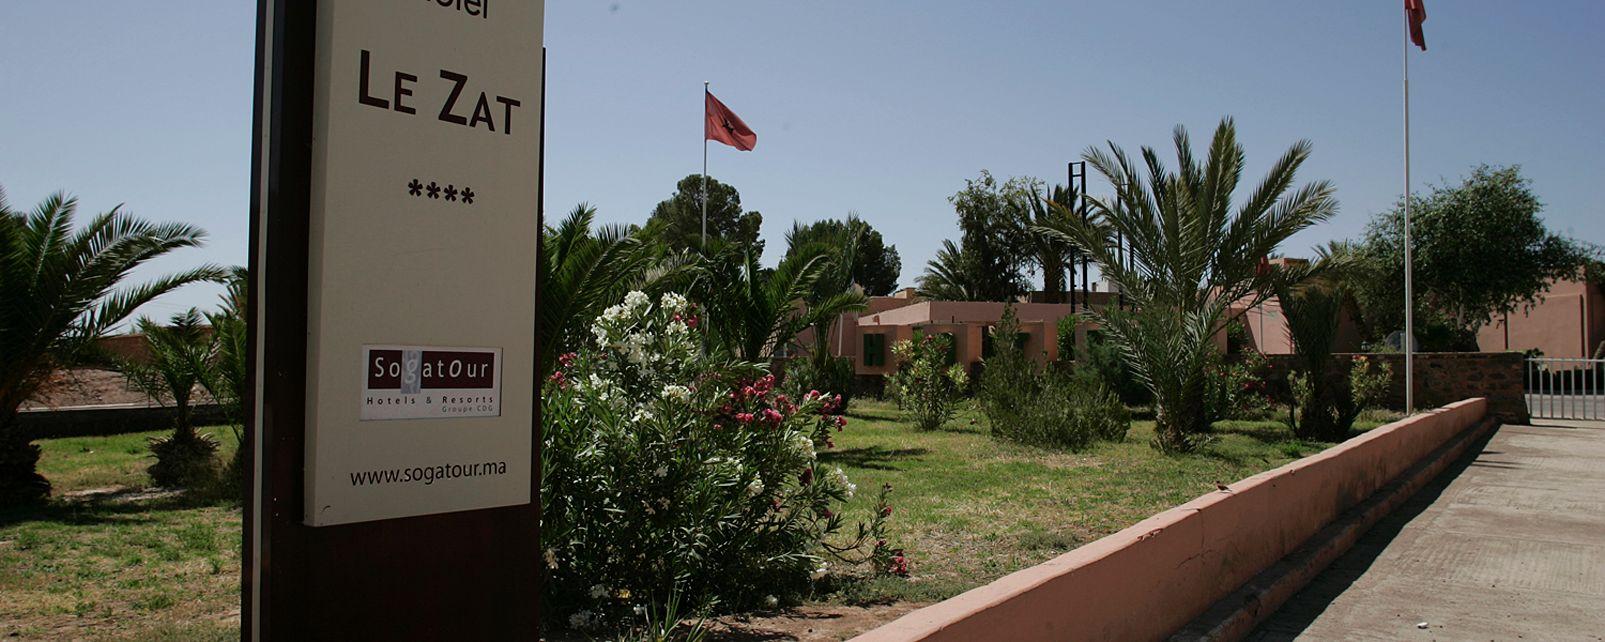 Hôtel Le Zat